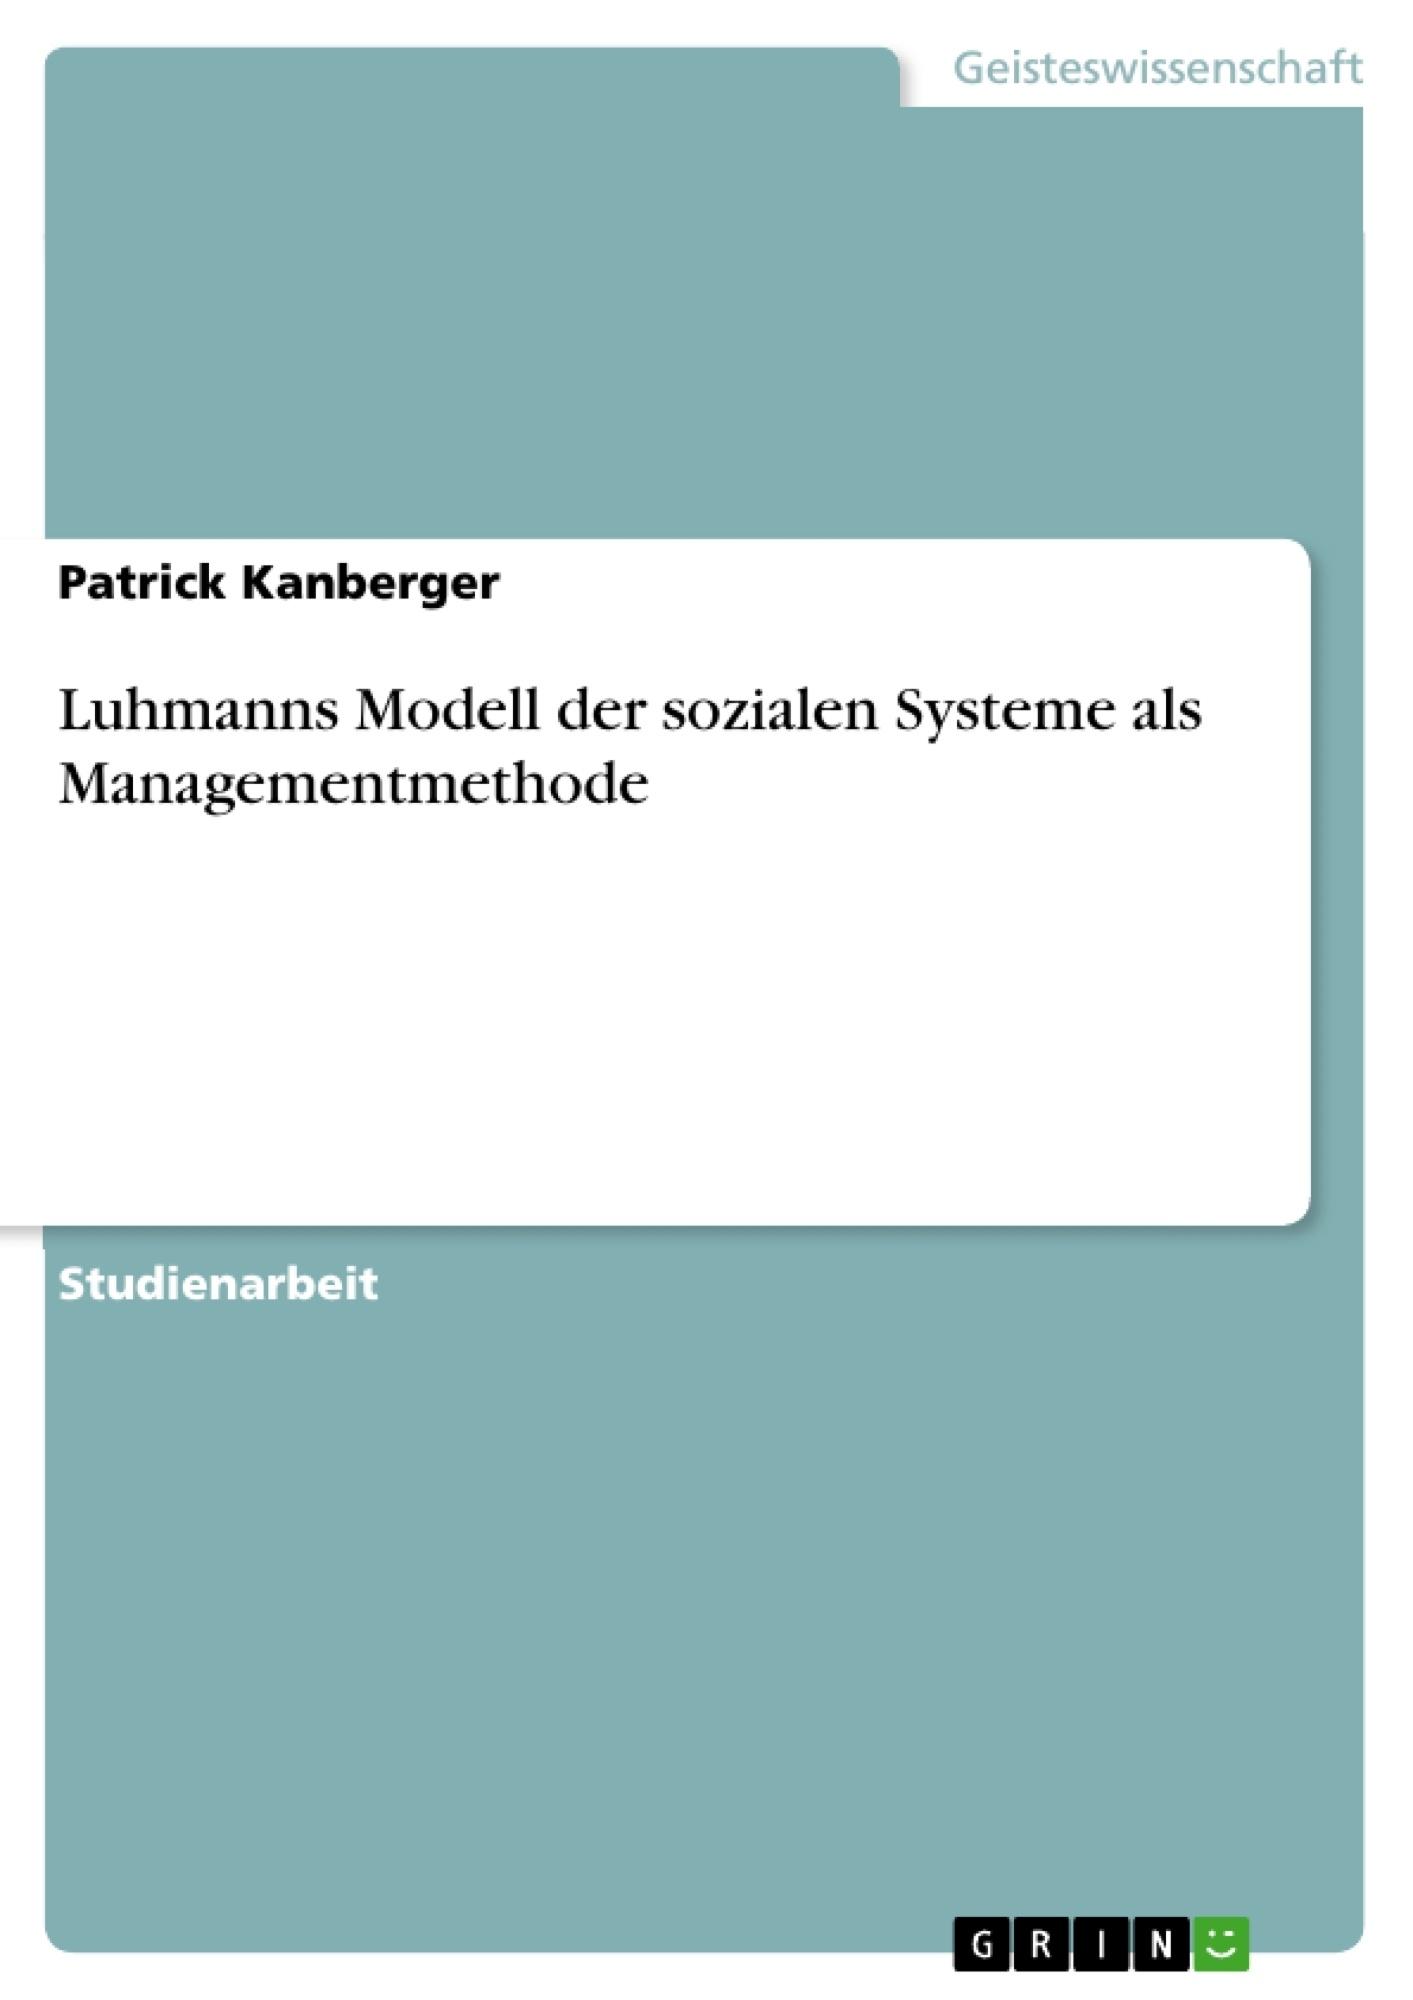 Titel: Luhmanns Modell der sozialen Systeme als Managementmethode